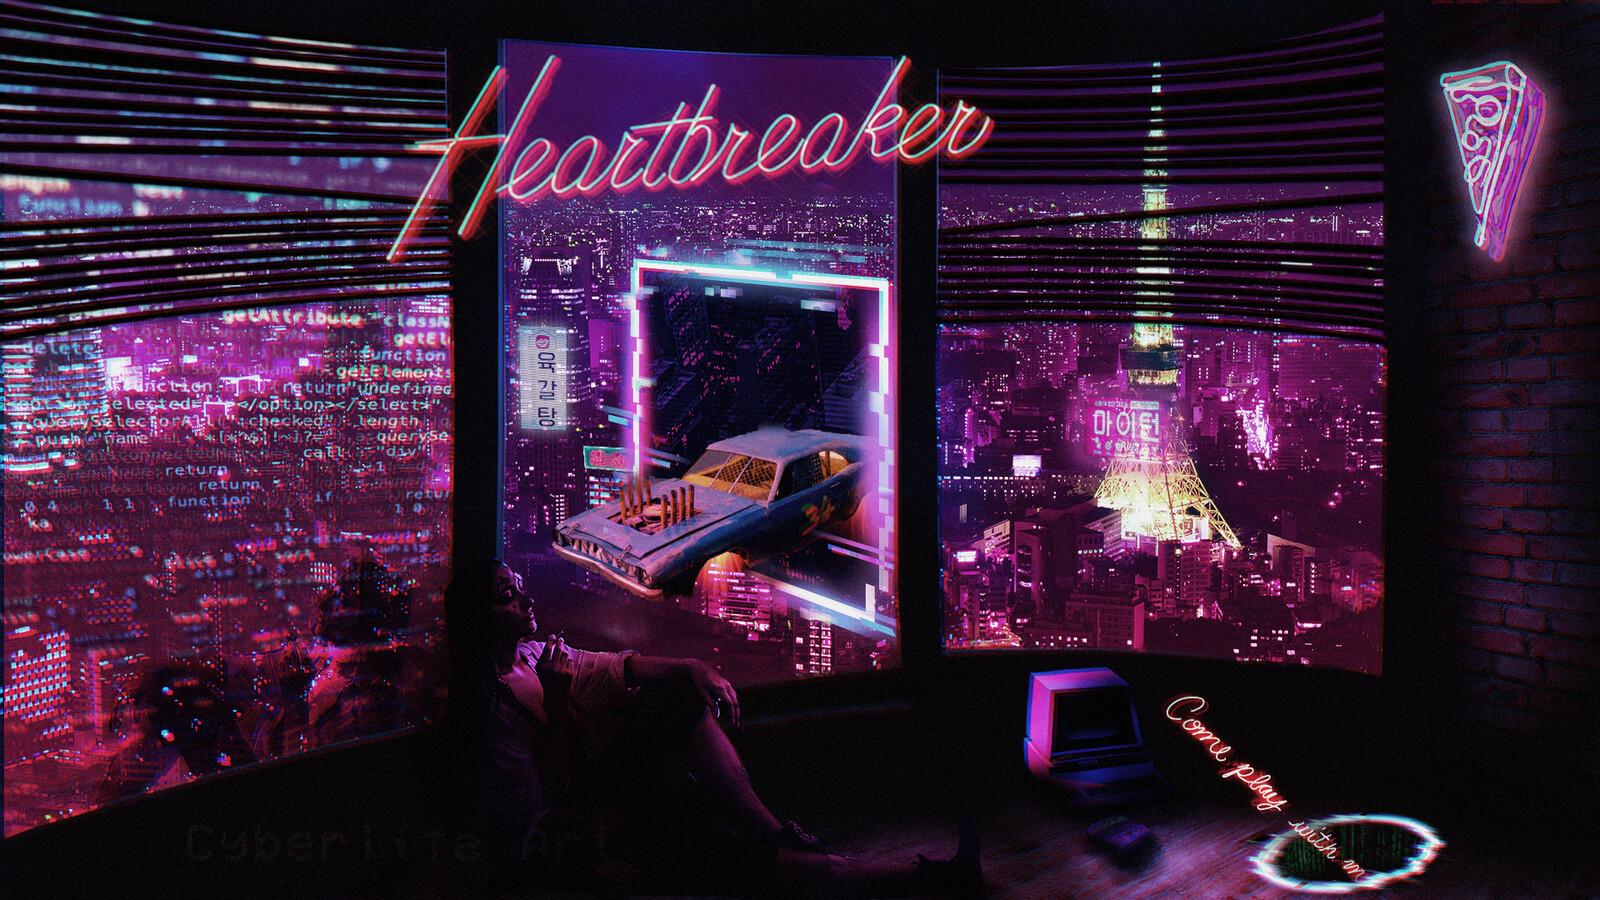 Heartbreaker Hotel